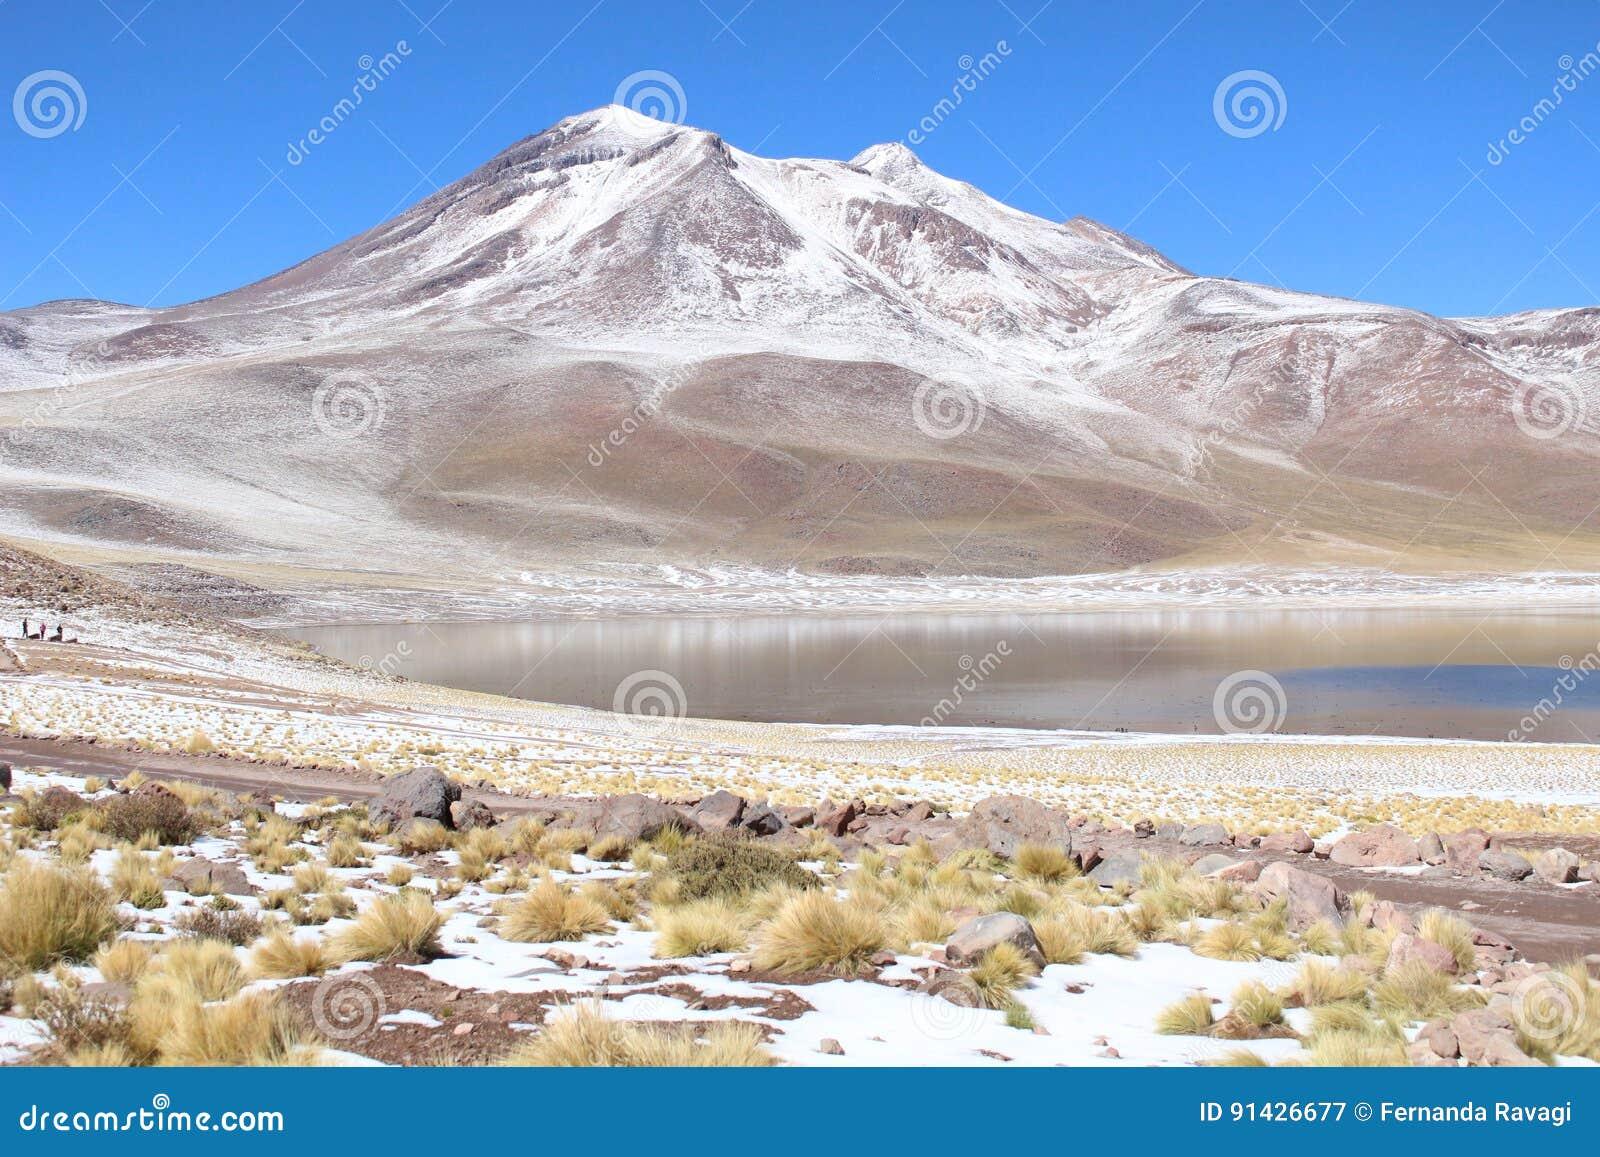 拉斯卡尔火山火山